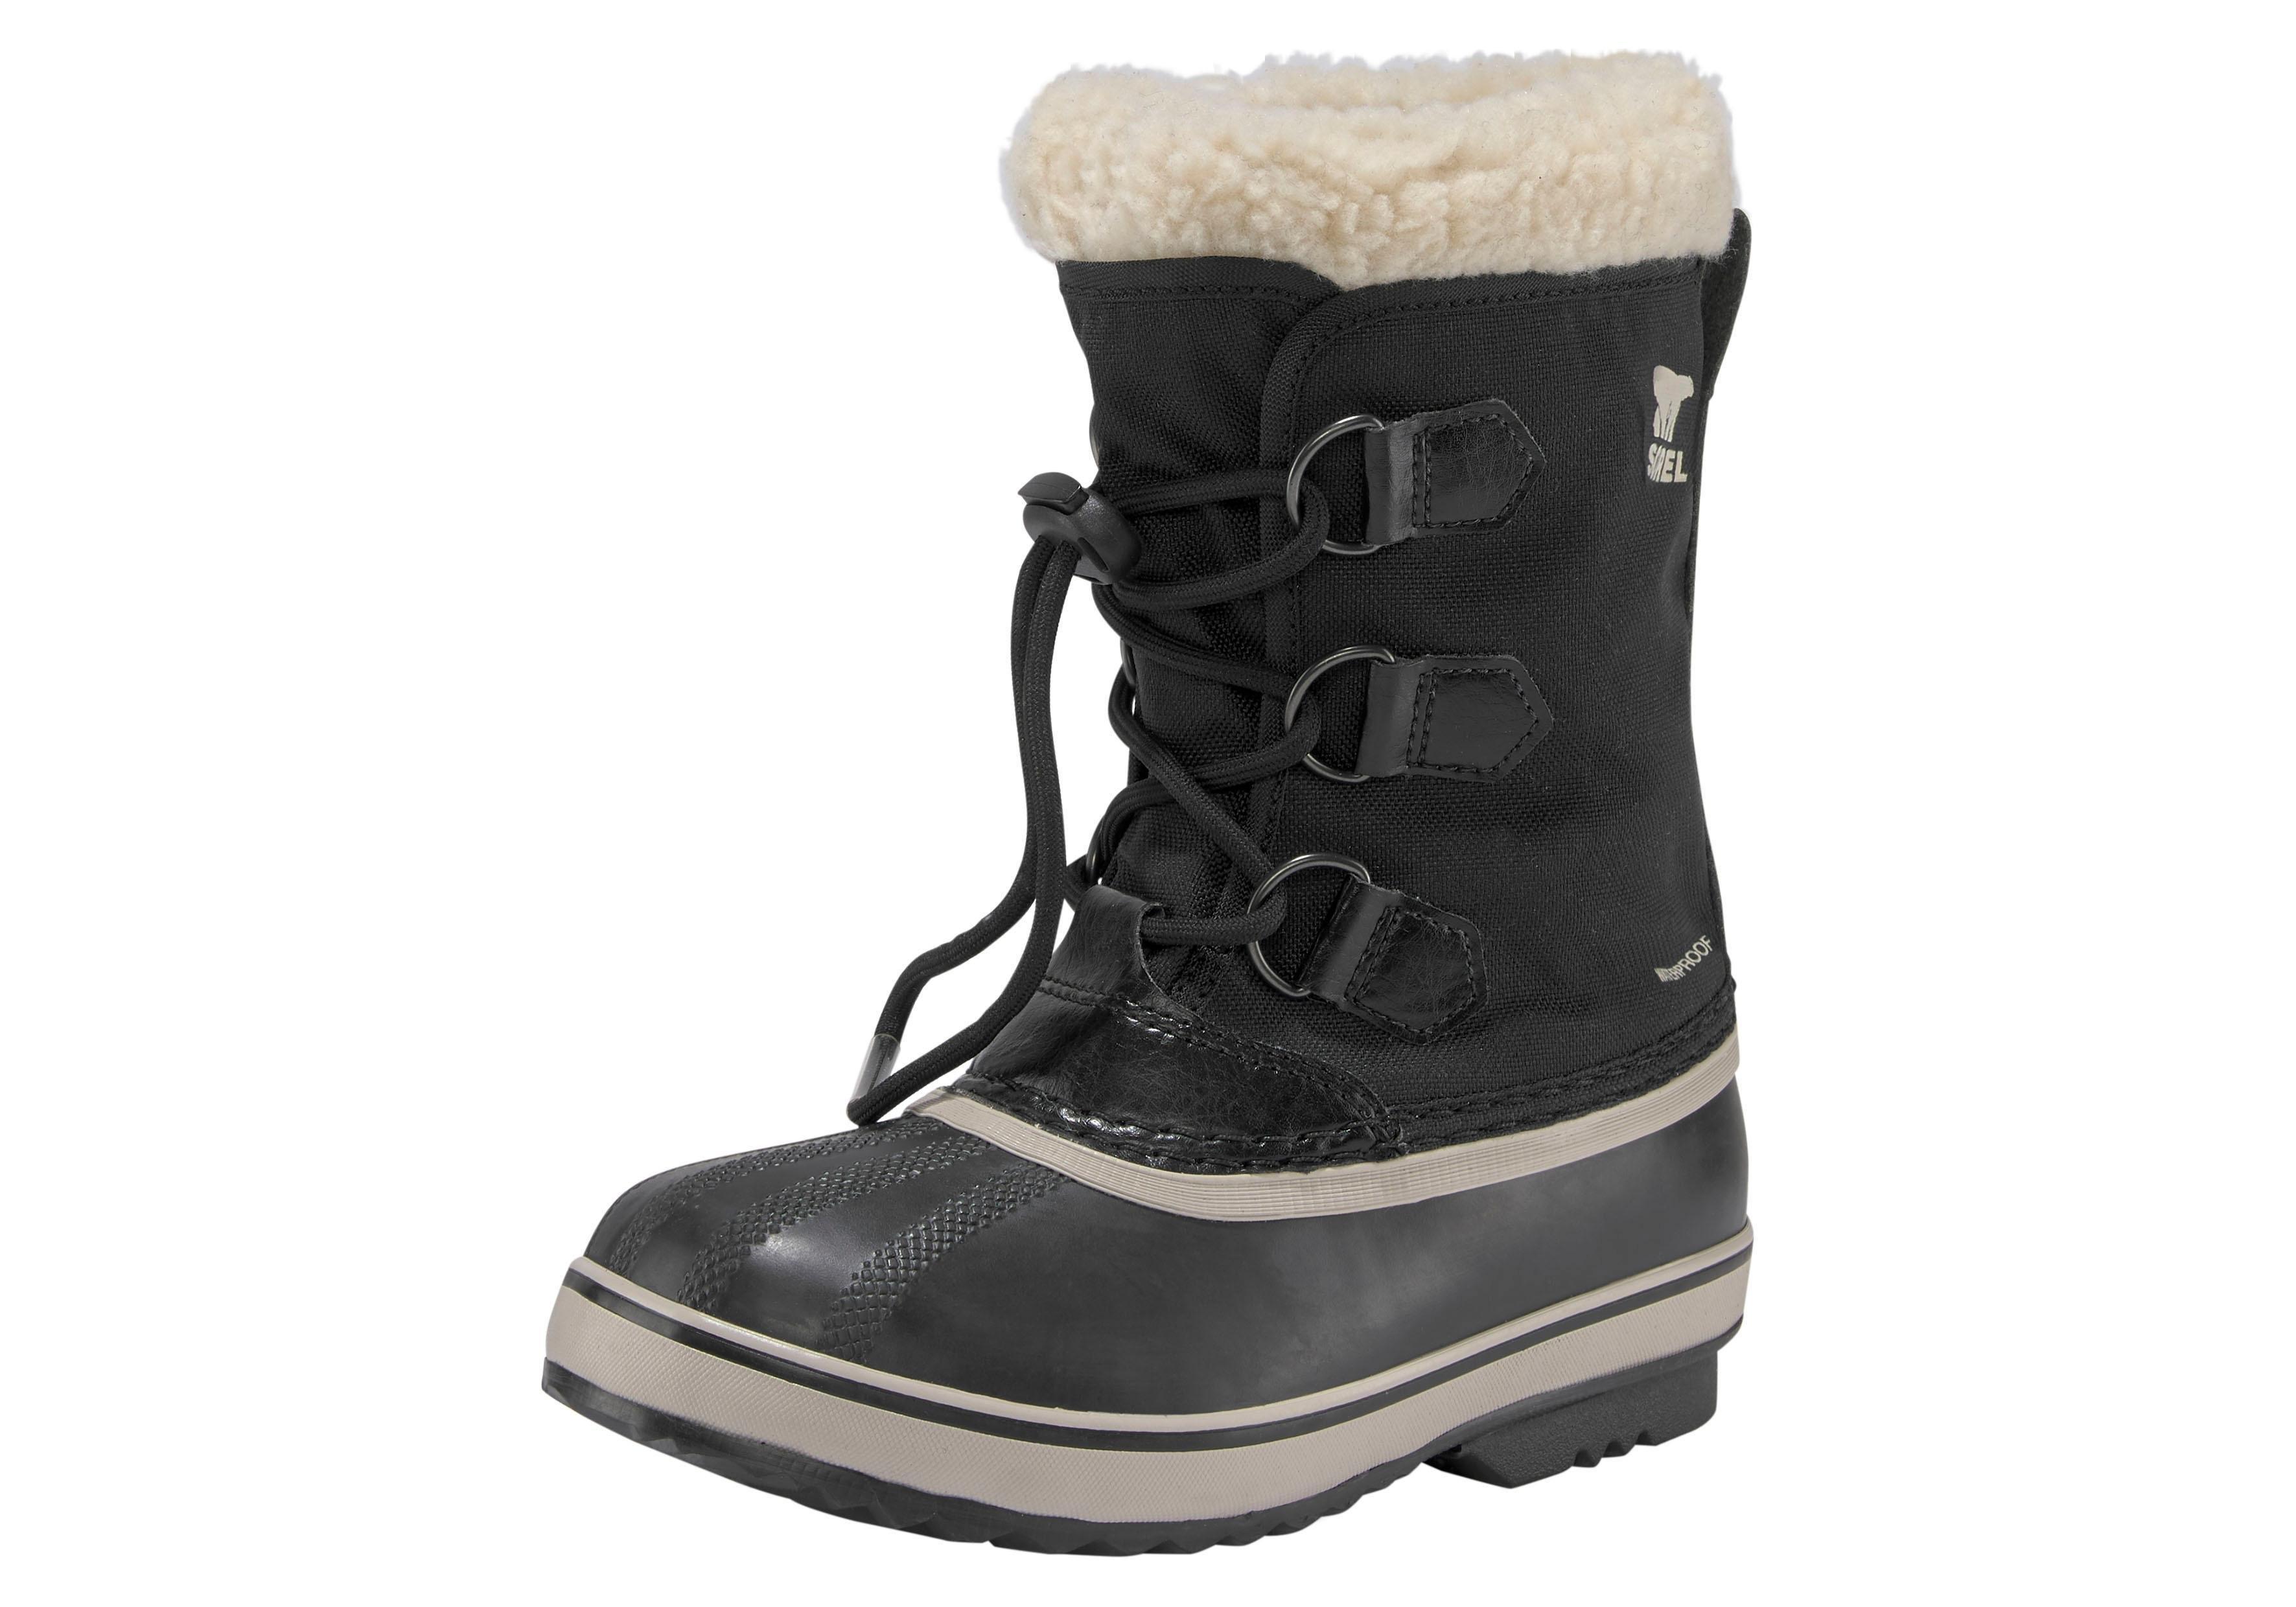 Sorel outdoor-winterlaarzen »YOOT PAC™ NYLON« bij OTTO online kopen